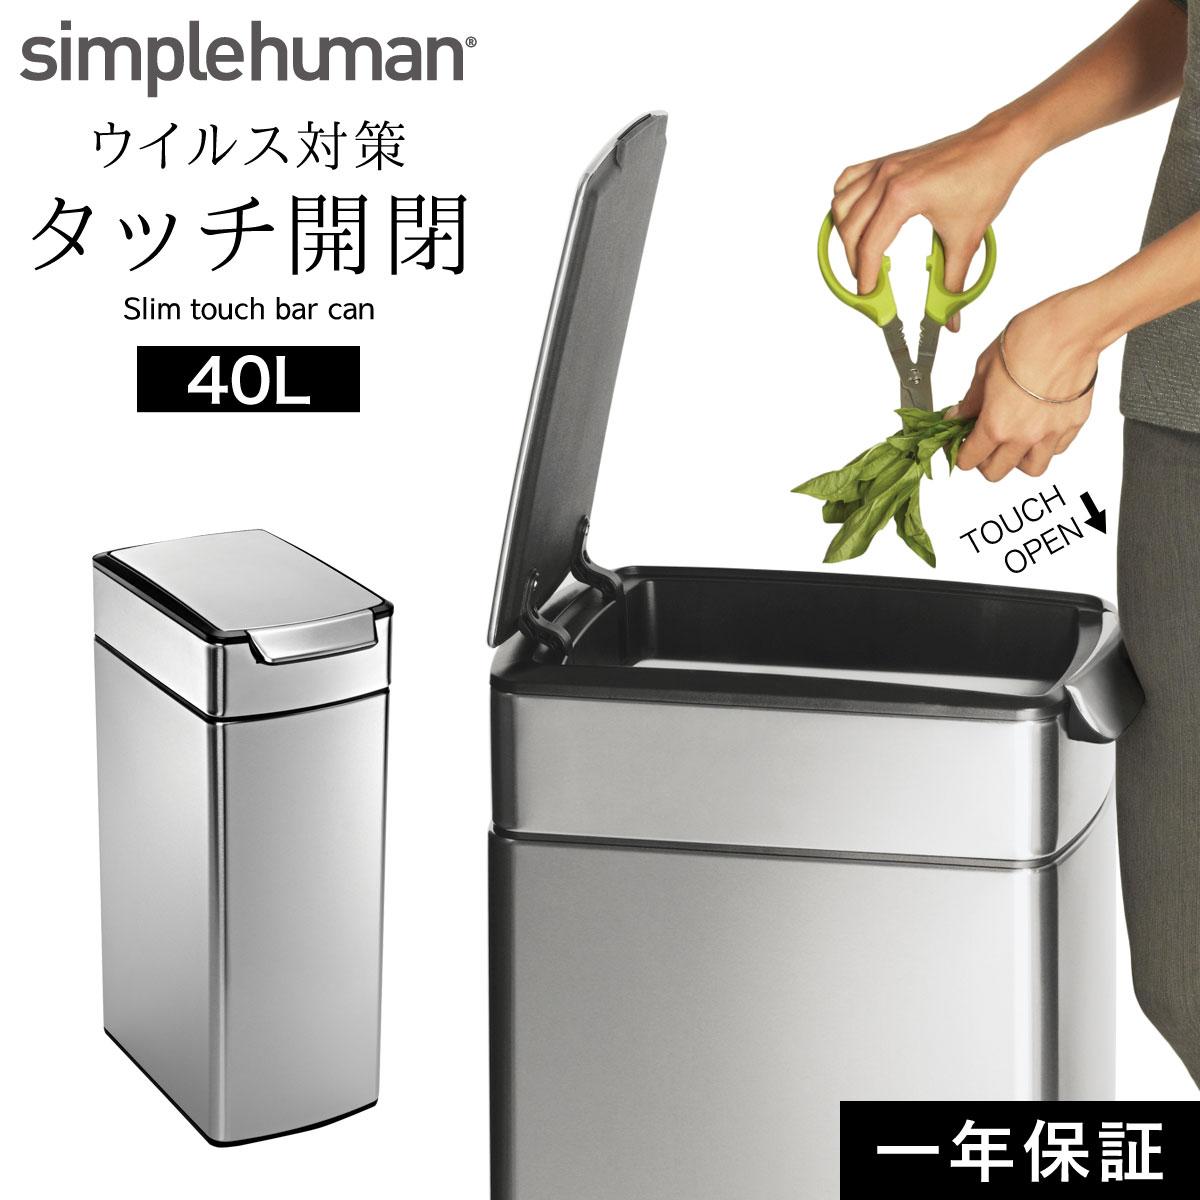 正規代理店。安心の1年保証付き。  simplehuman ゴミ箱 ごみ箱 ふた付き スリム おしゃれ ステンレス 40l シンプルヒューマン スリムタッチバーカン 40L 00131 メーカー直送 返品不可